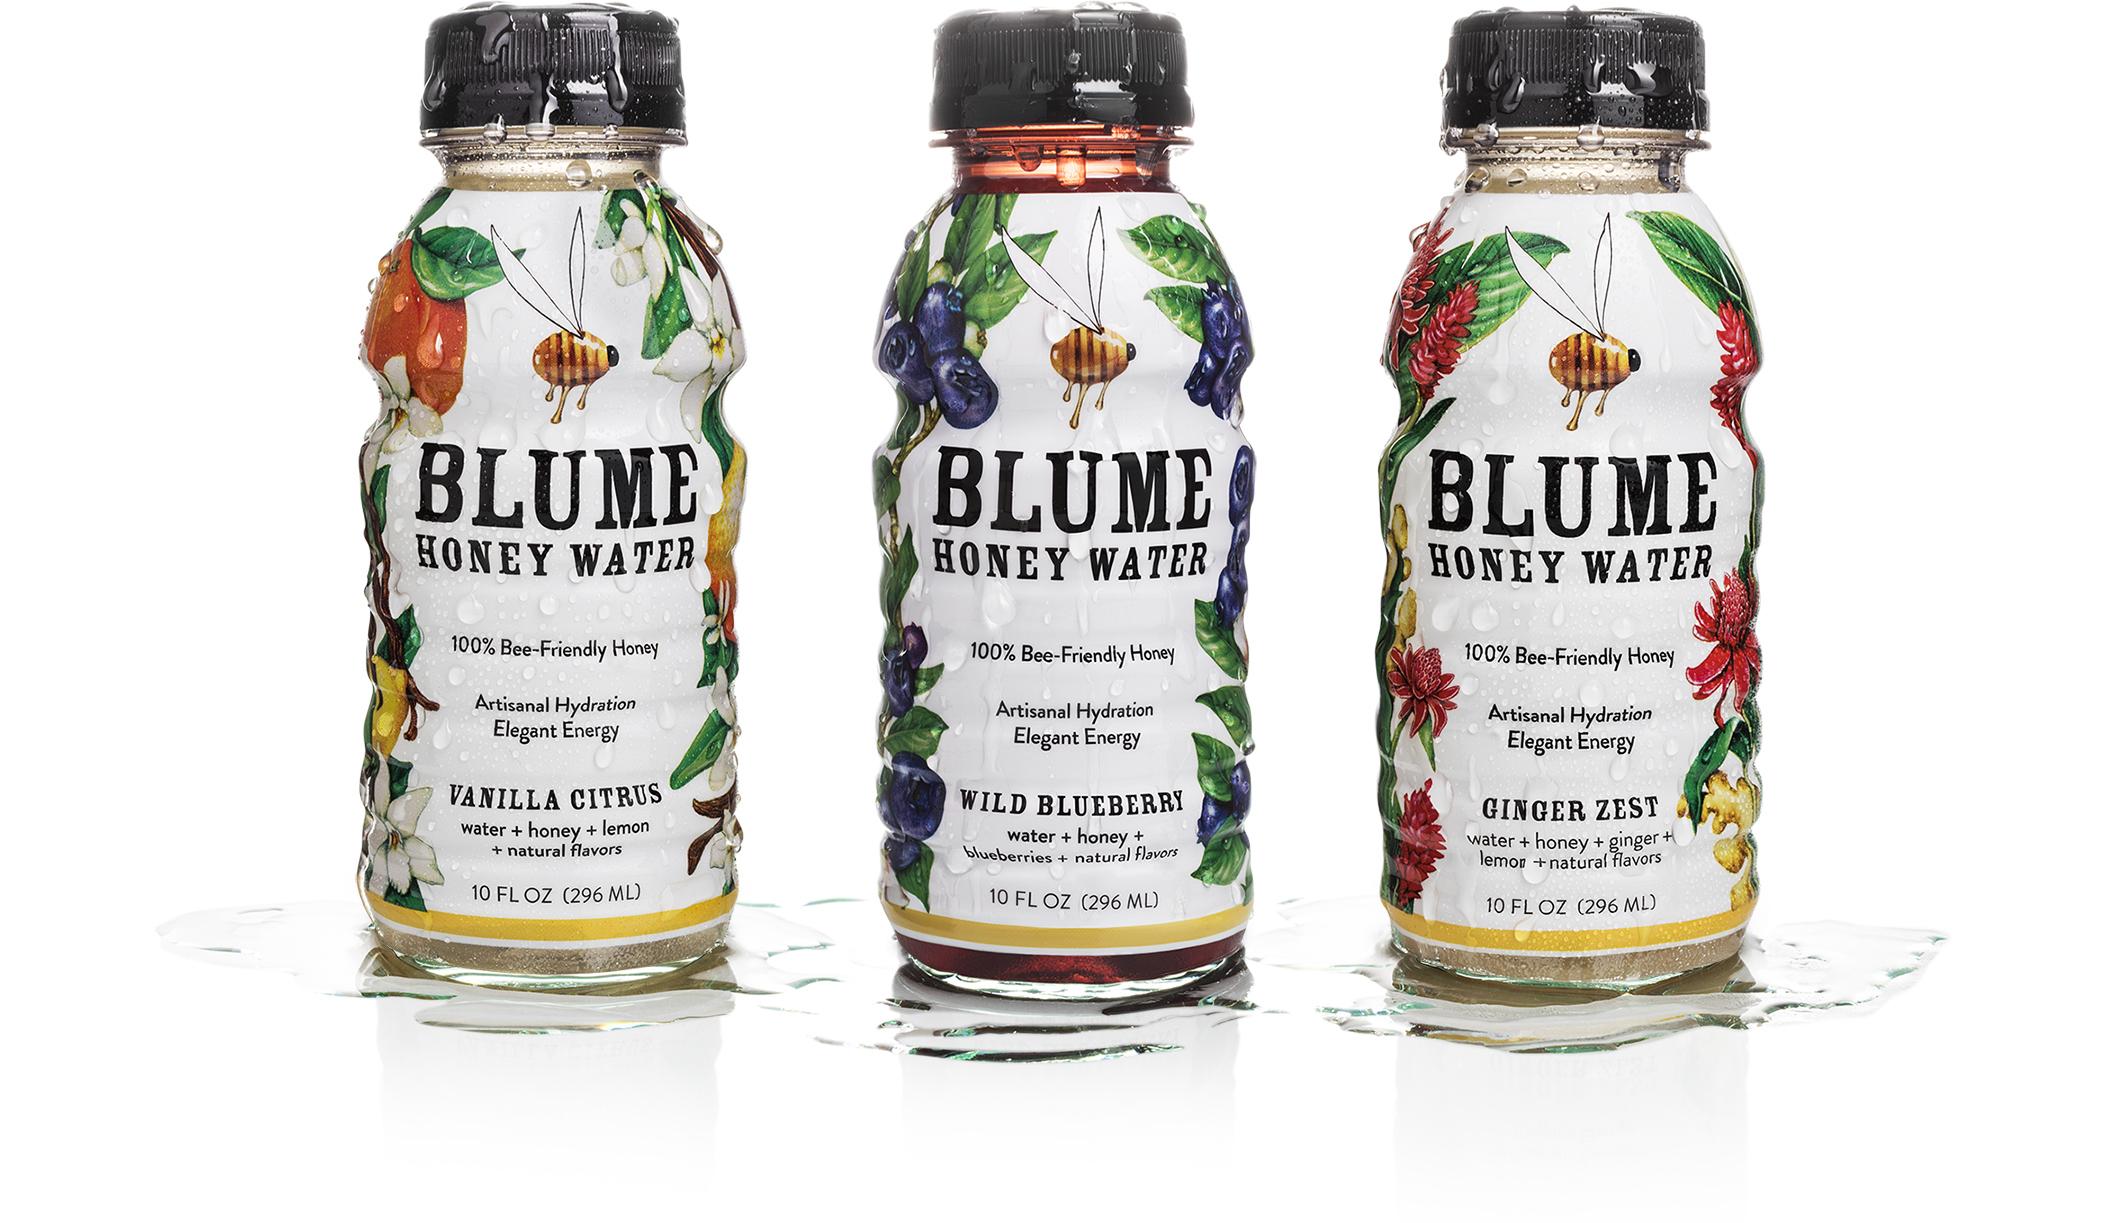 blume-threebottles-wet-productshot.jpg